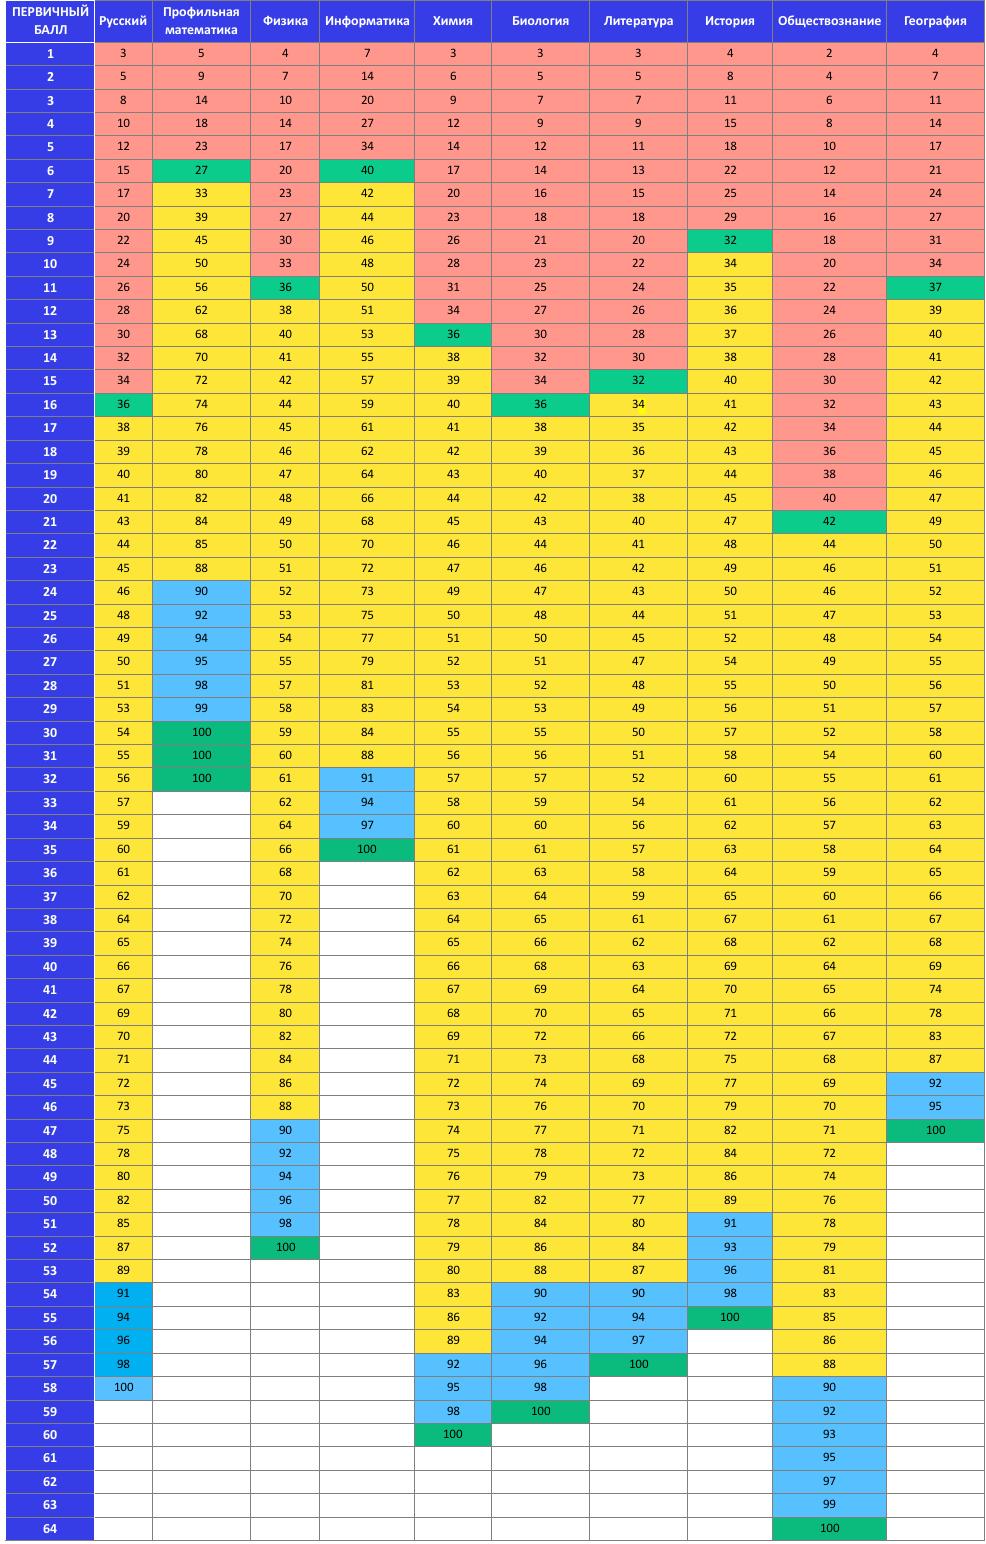 Таблица соответствия первичных и тестовых баллов ЕГЭ 2021